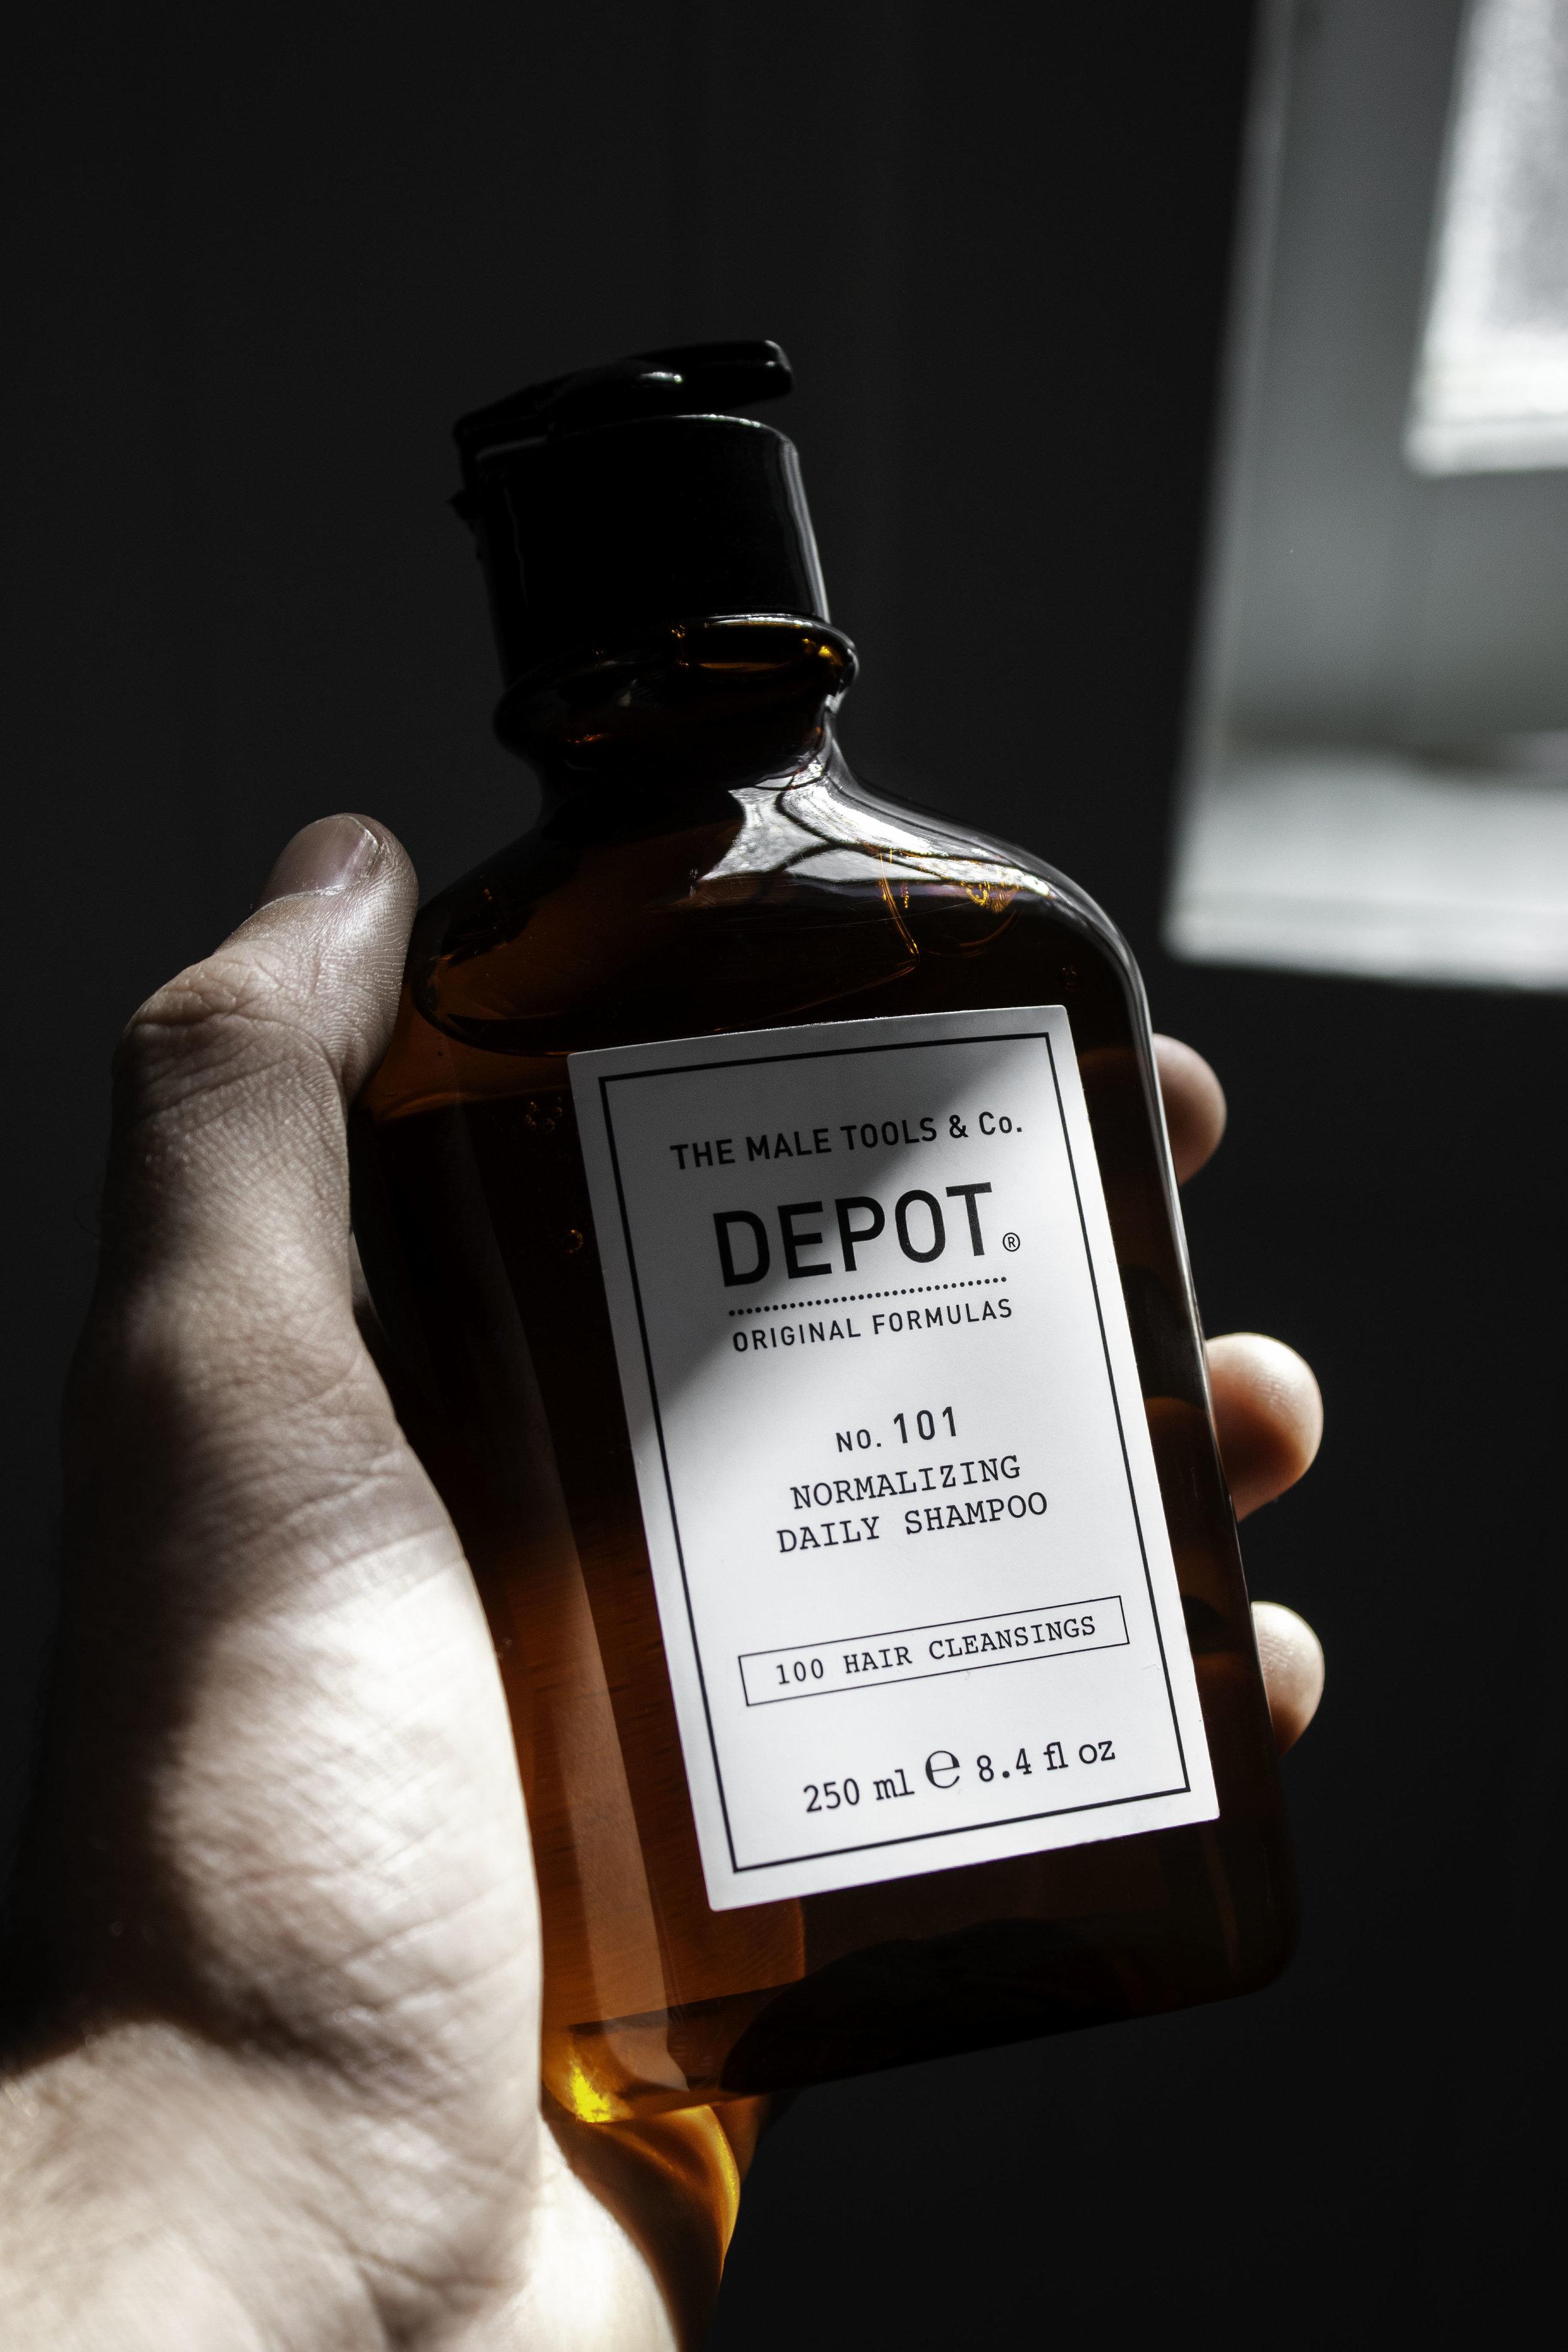 Depot_8.jpg